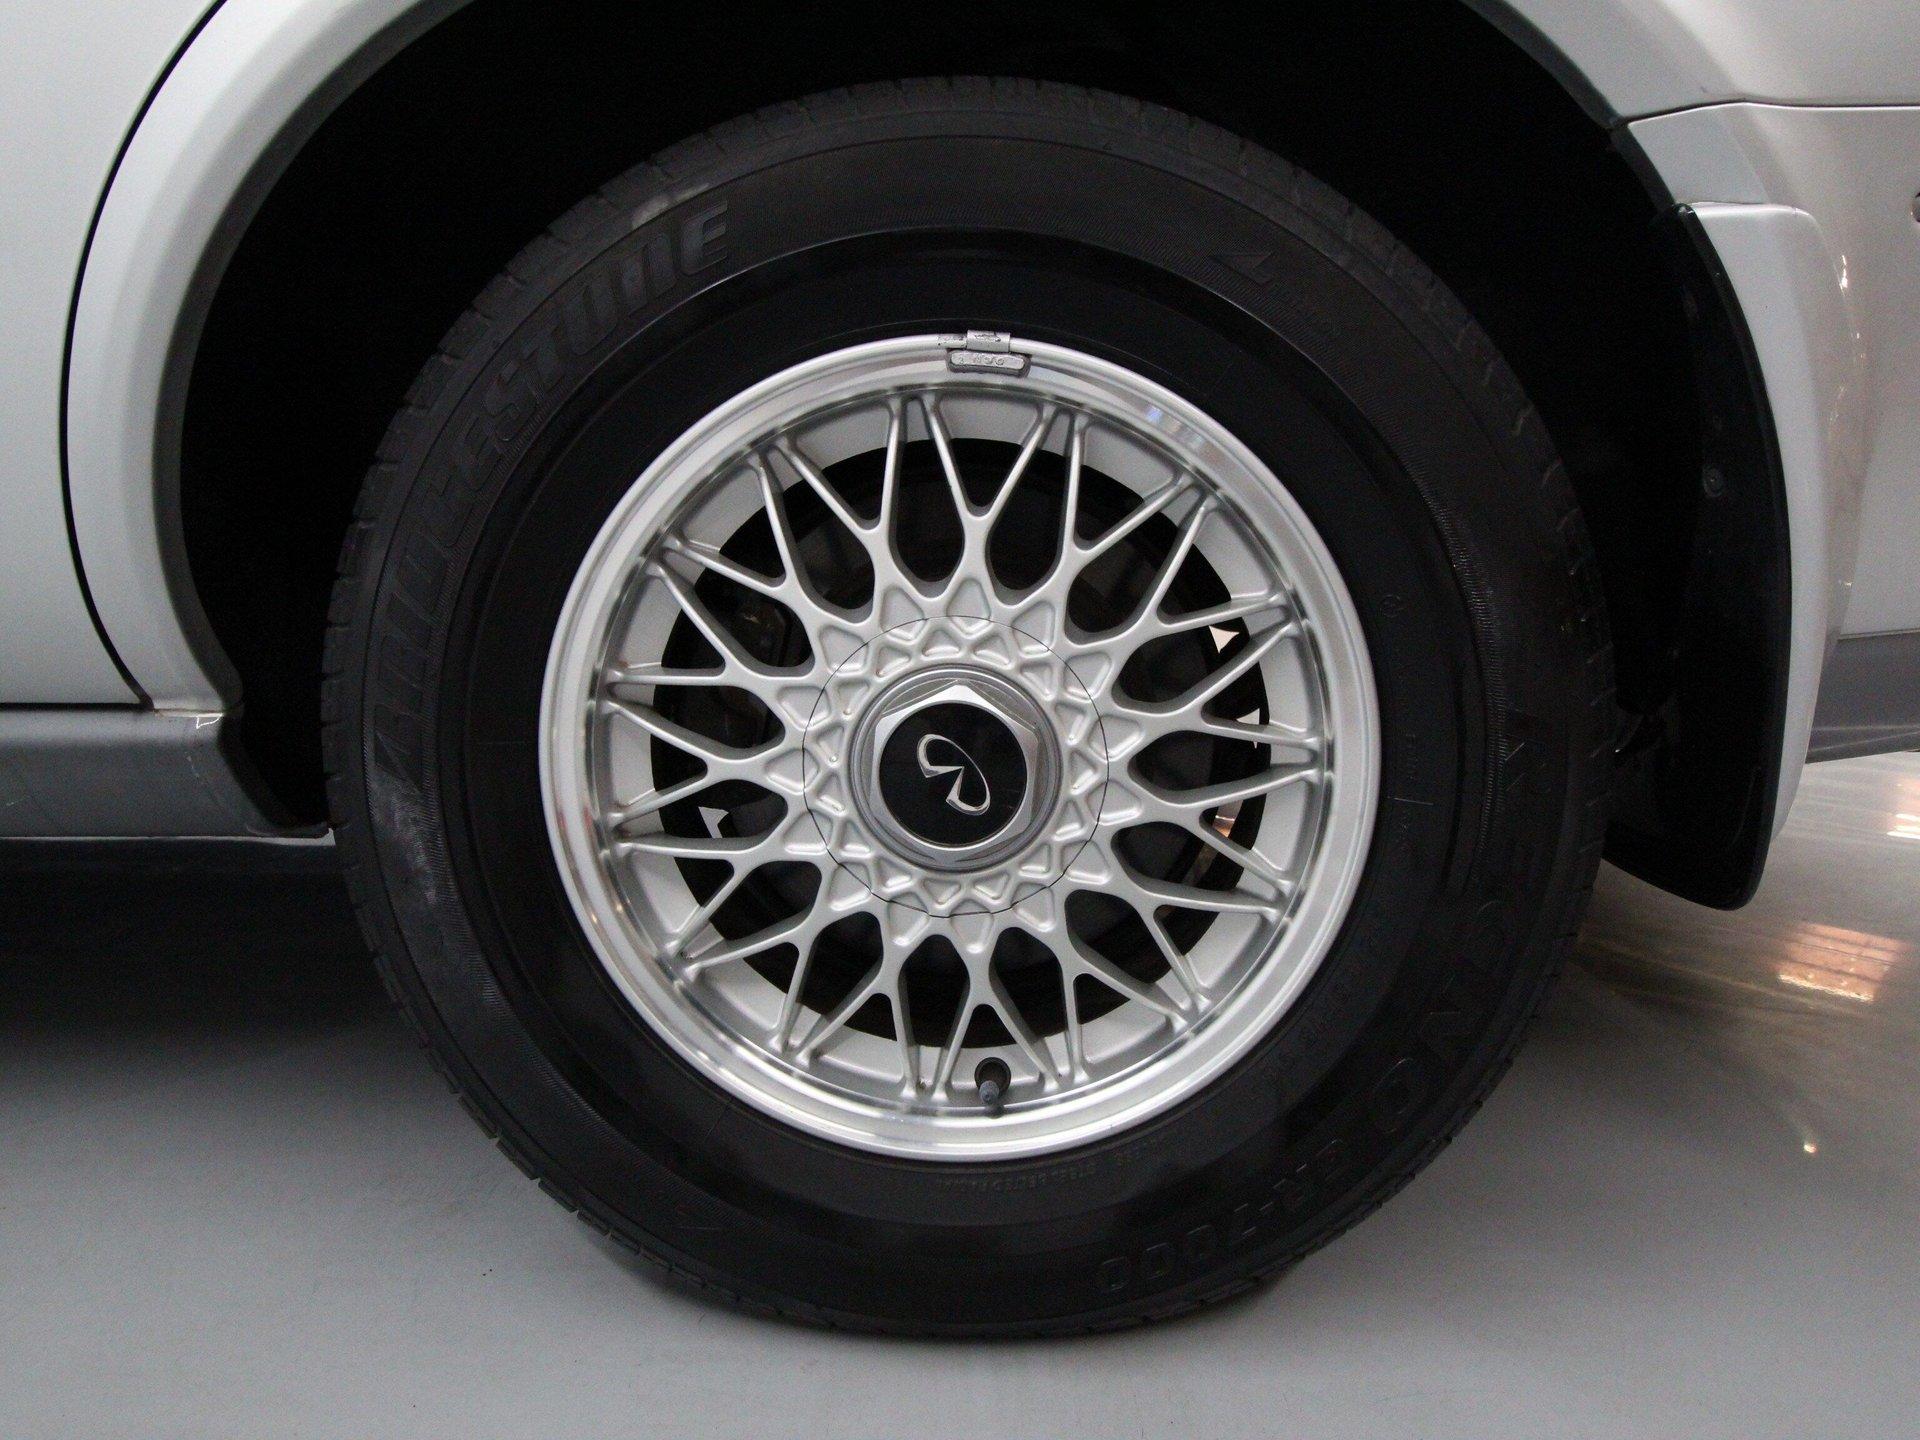 1993 Nissan Infiniti Q45